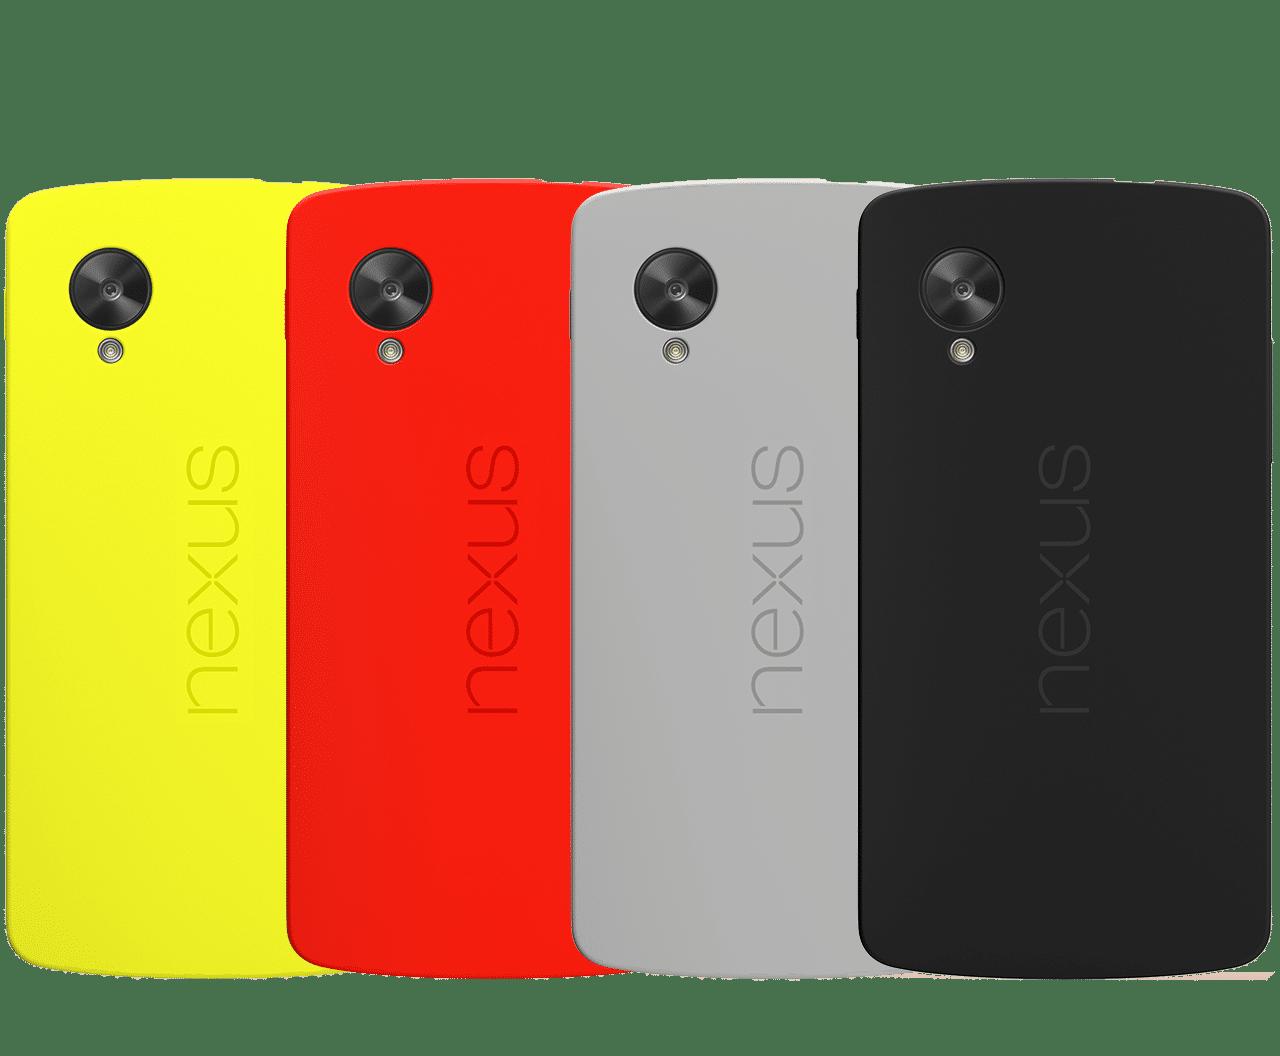 nexus 5 vs nexus 5x